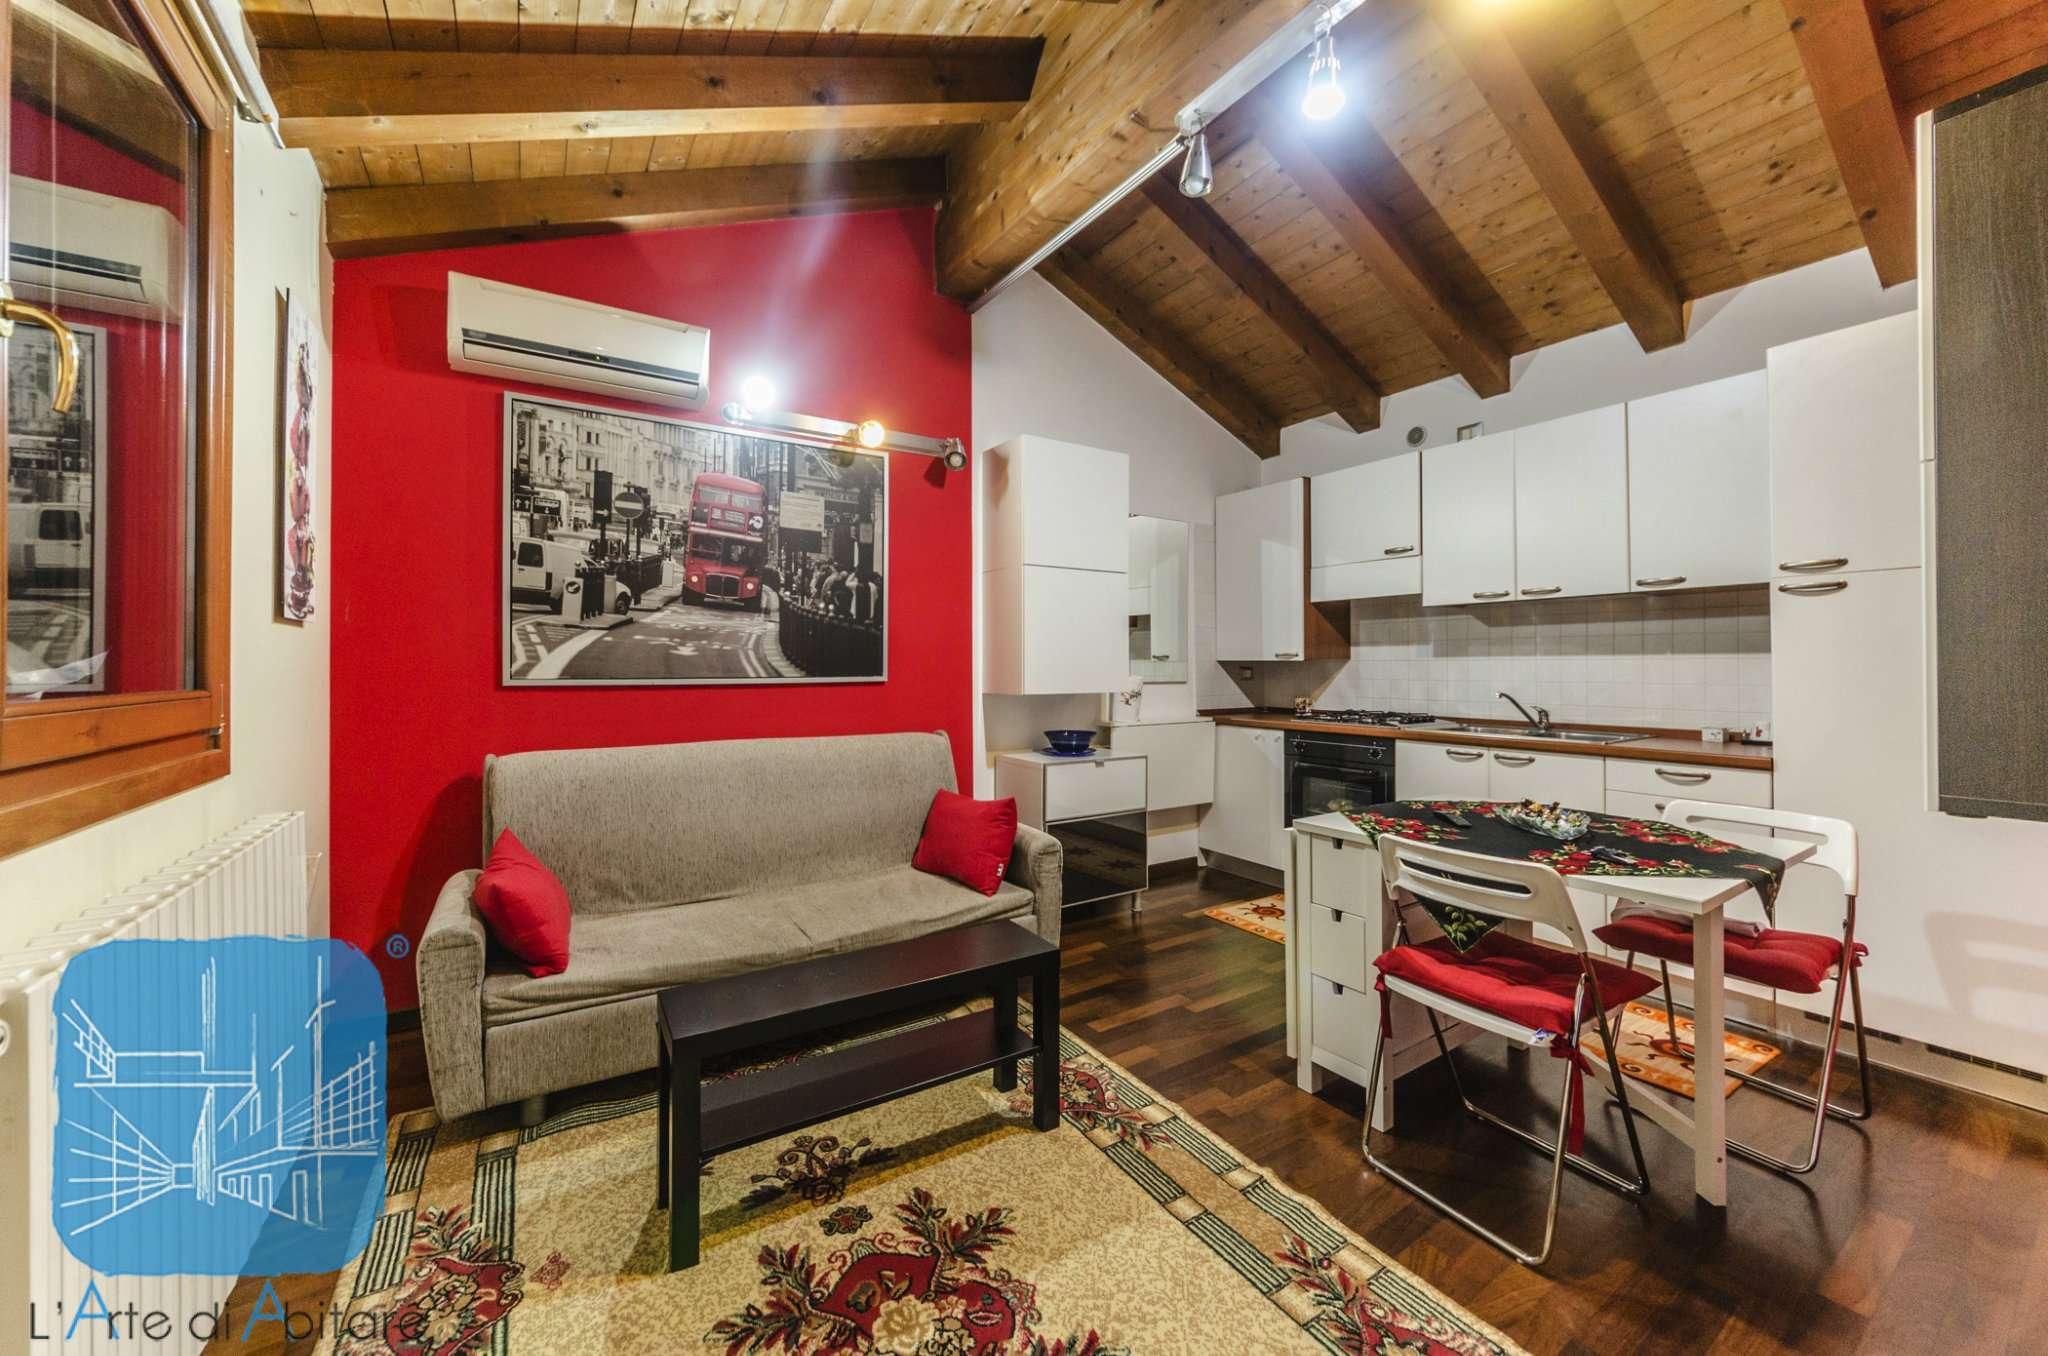 Appartamento in vendita a Caorle, 2 locali, prezzo € 72.000 | Cambio Casa.it